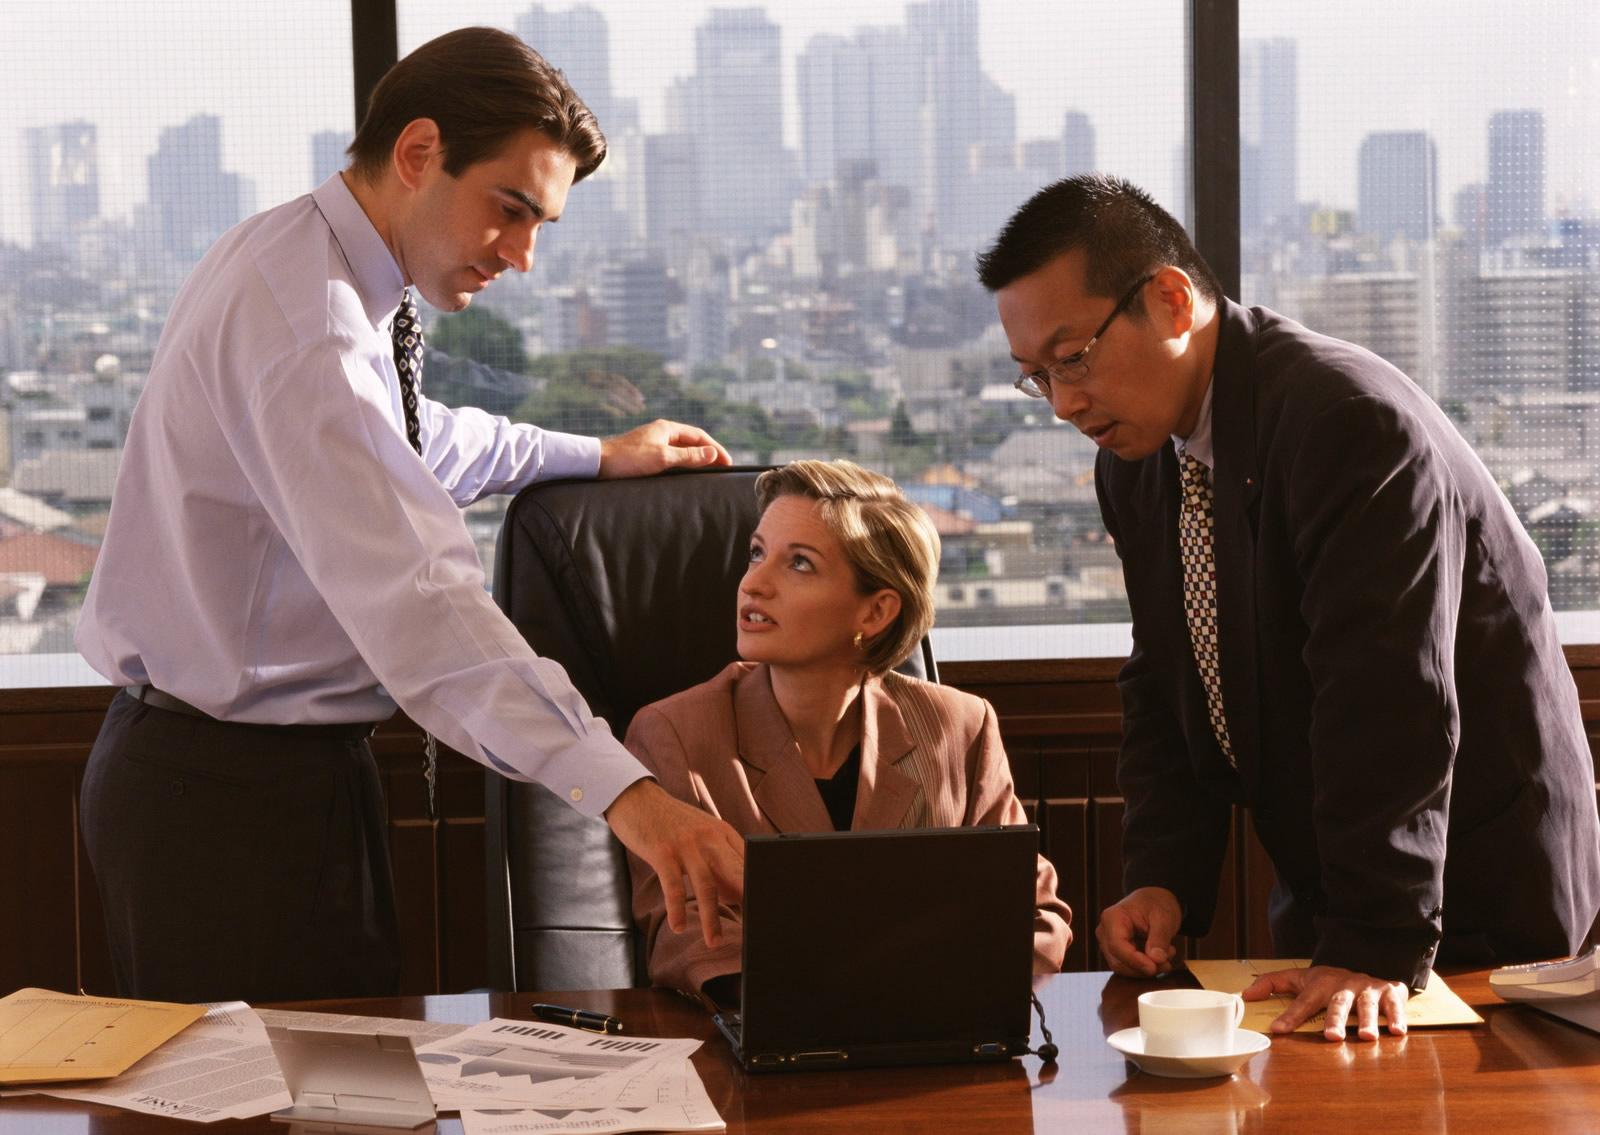 企业培训师成2013年最佳职业?